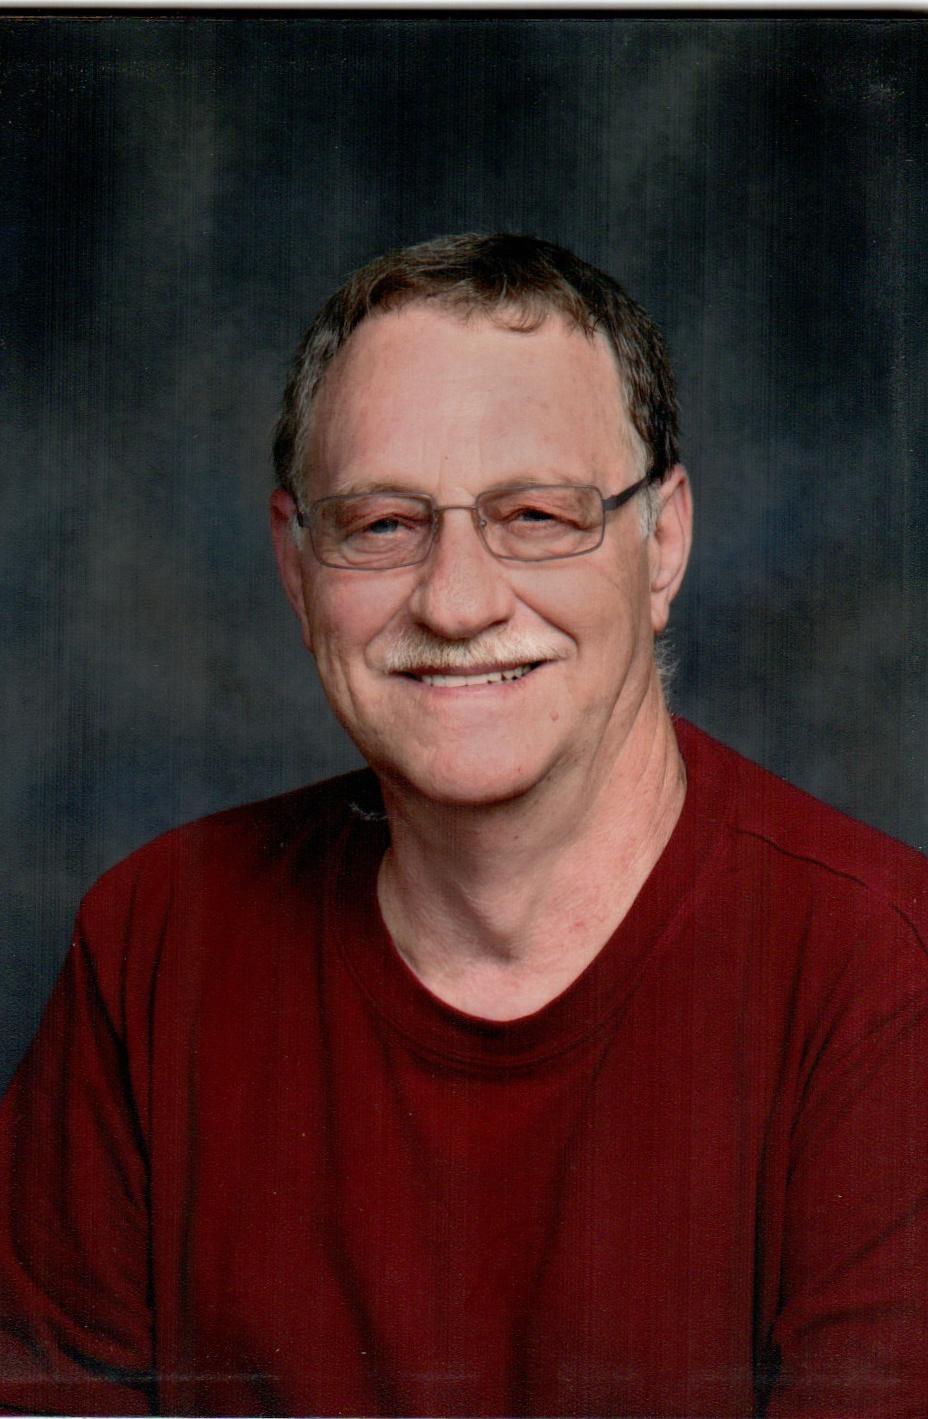 Allen Richard Fingler